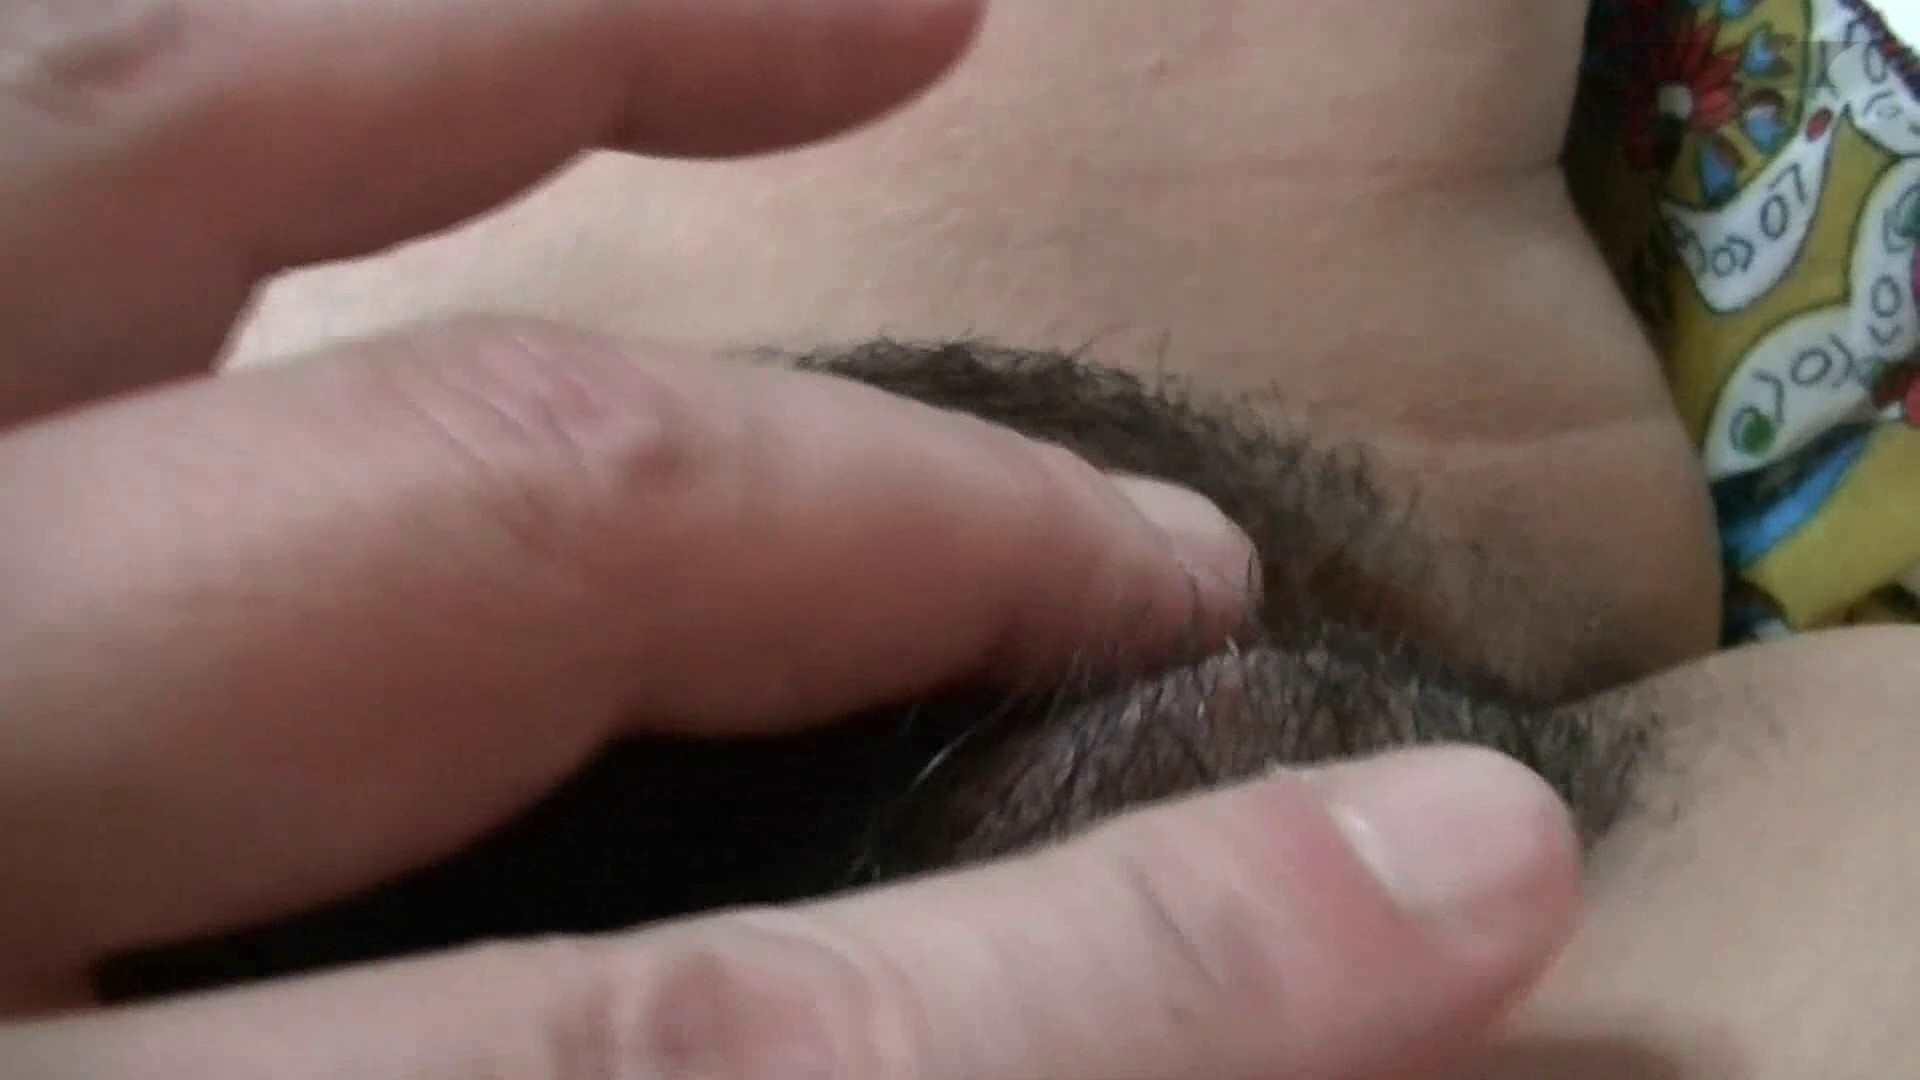 驚異の指入れ! 影 対 美容専門学校生3人組 桃色乳首 オメコ無修正動画無料 94枚 24